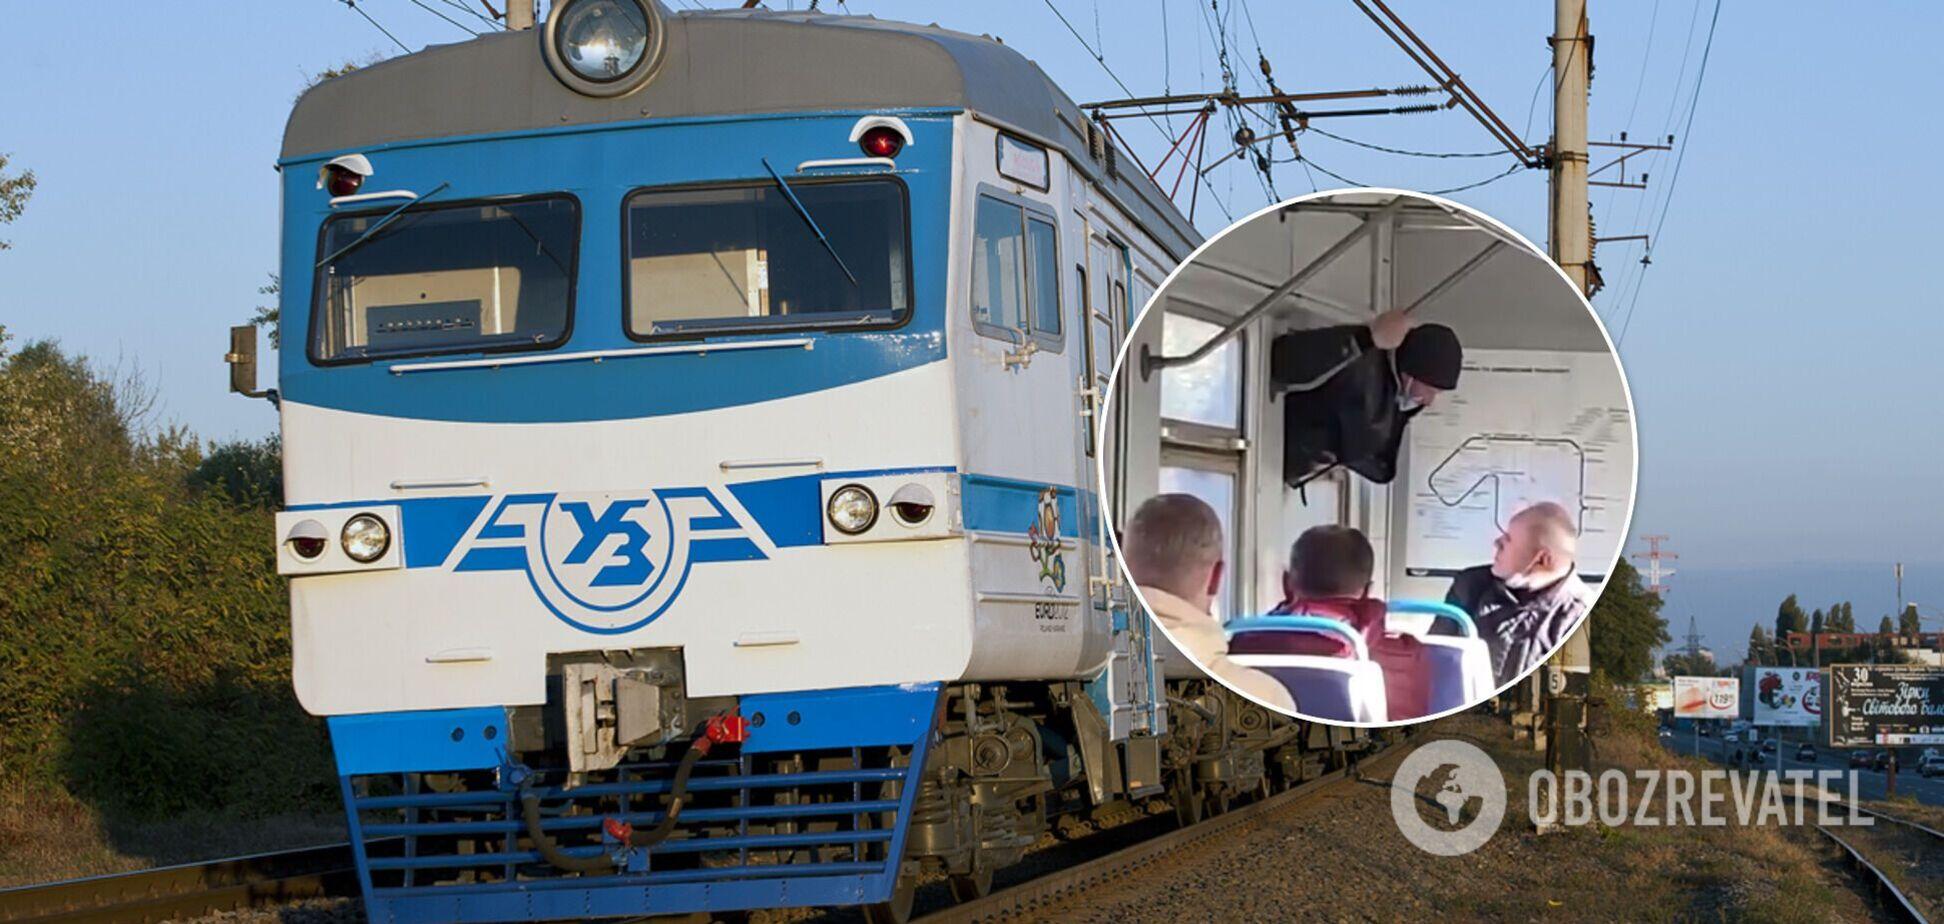 Чоловік заліз у вагон через вікно